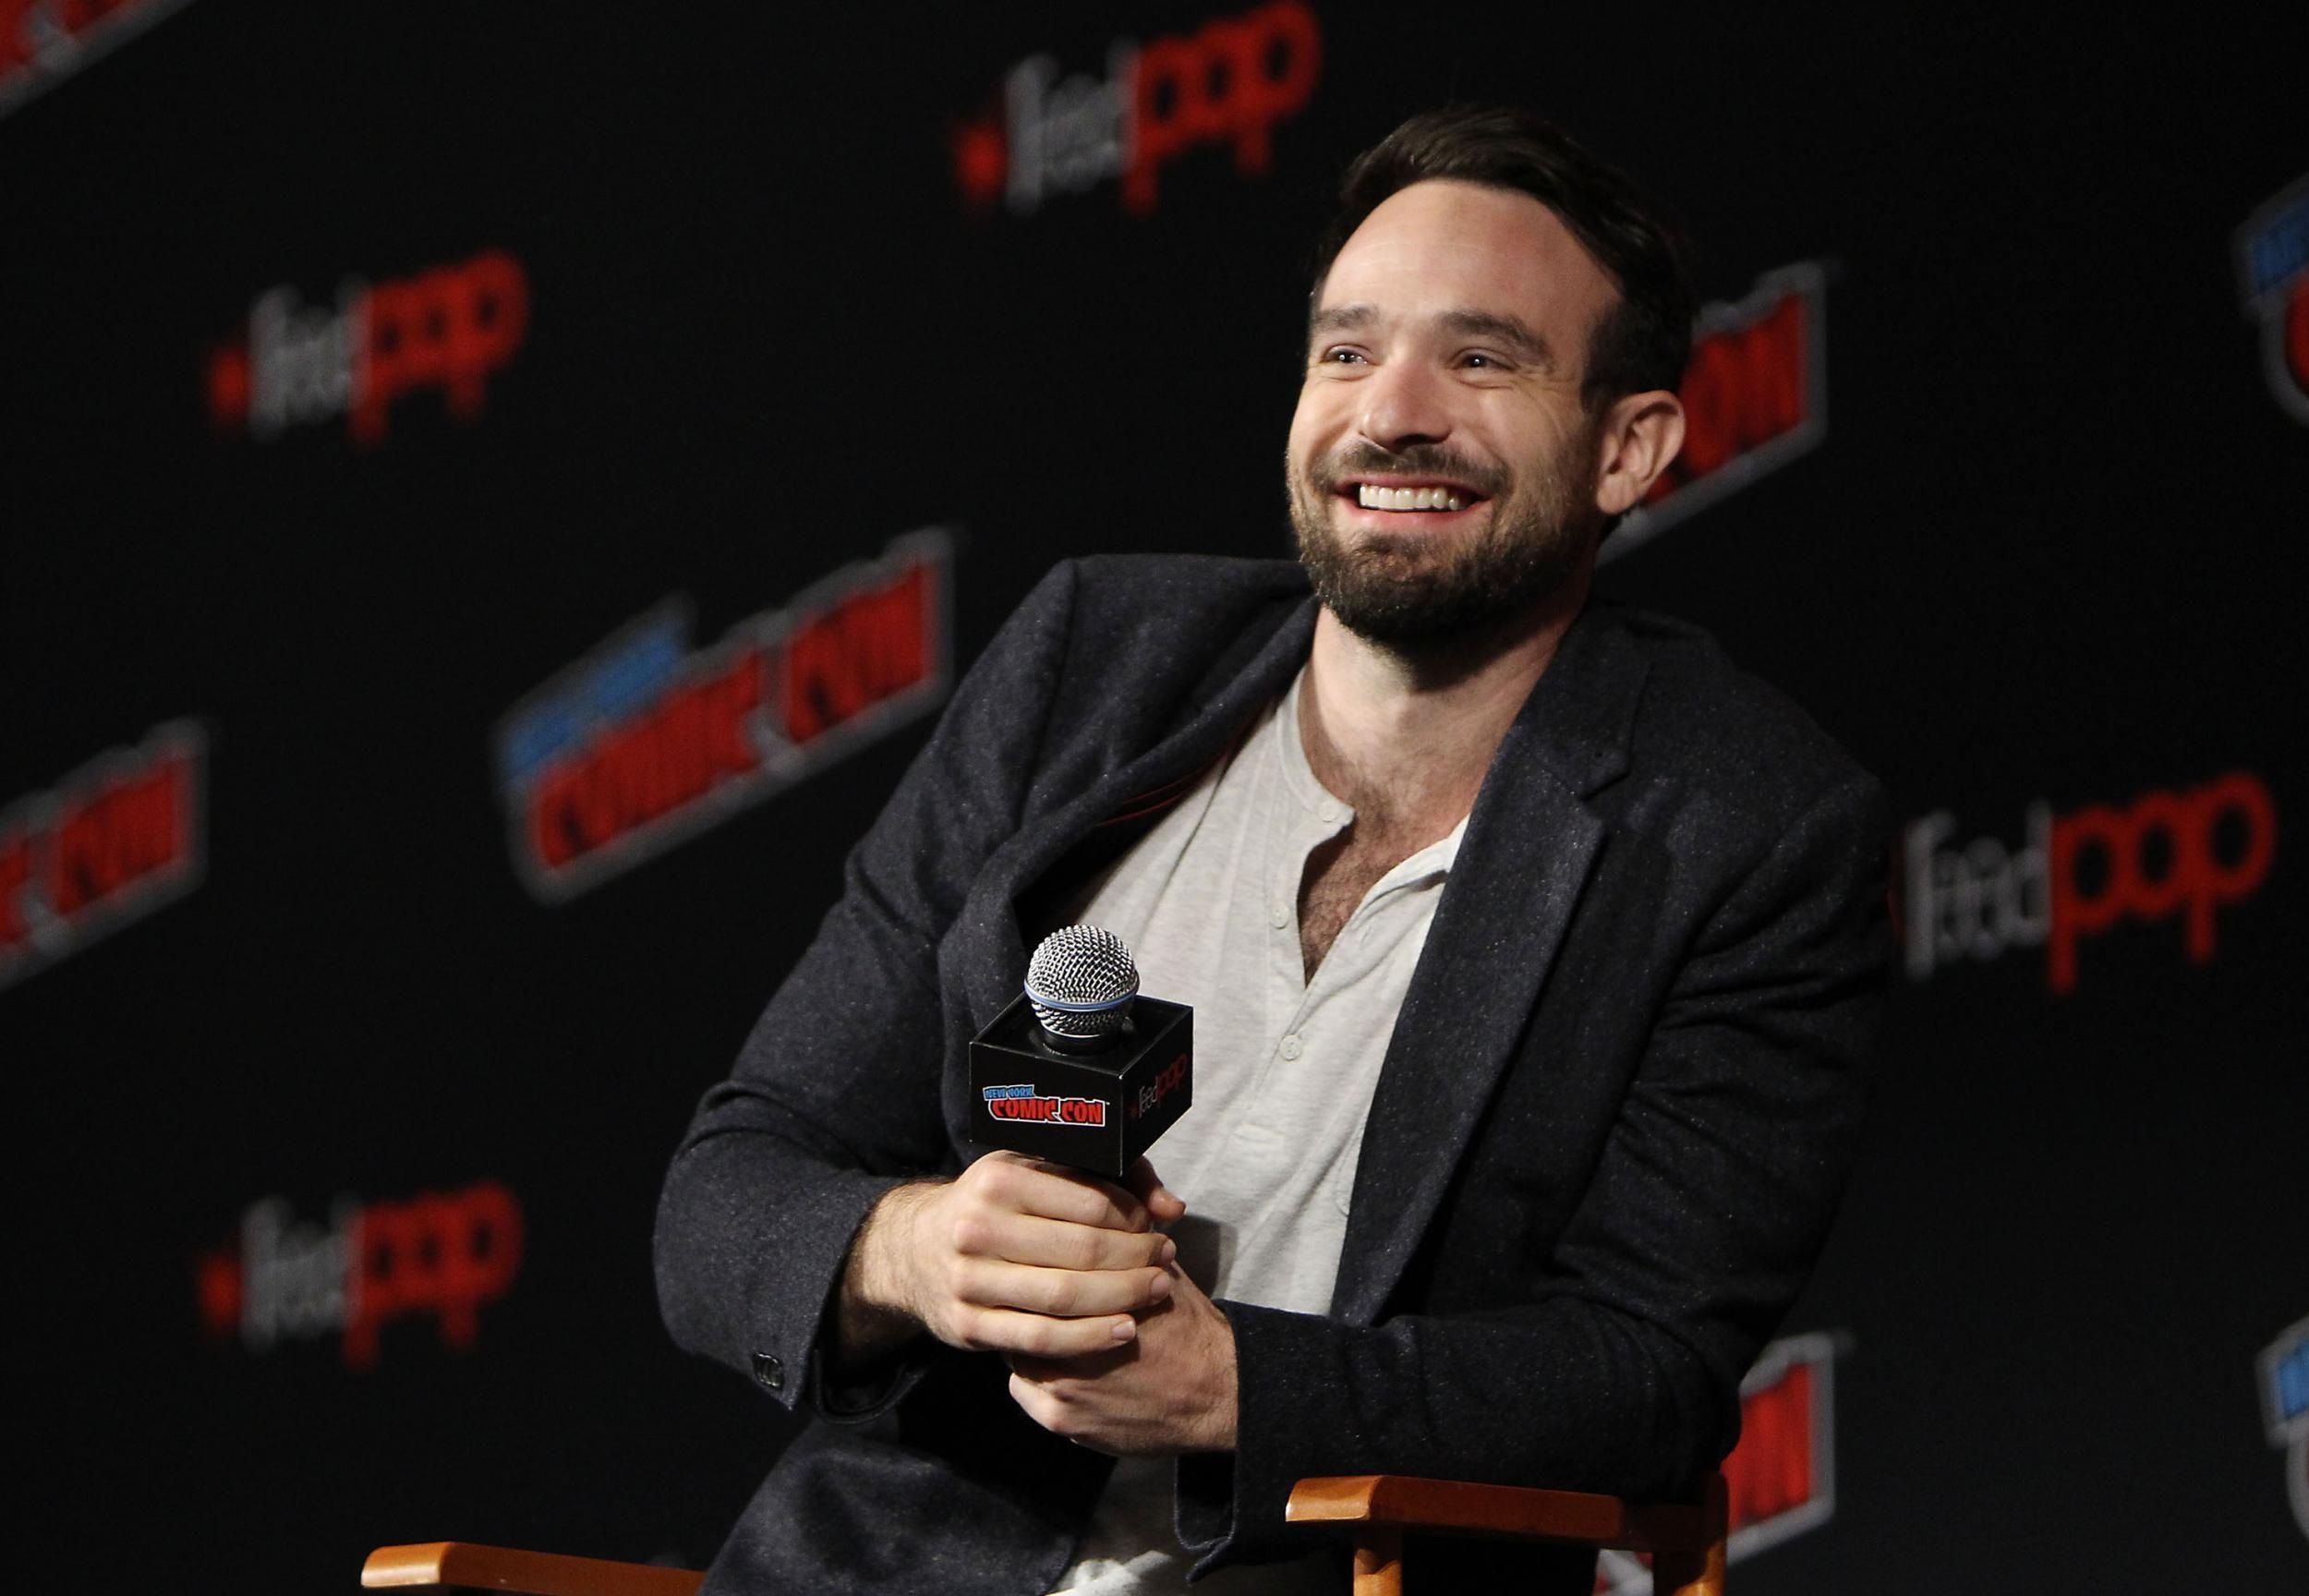 Charlie Cox Netflix Daredevil